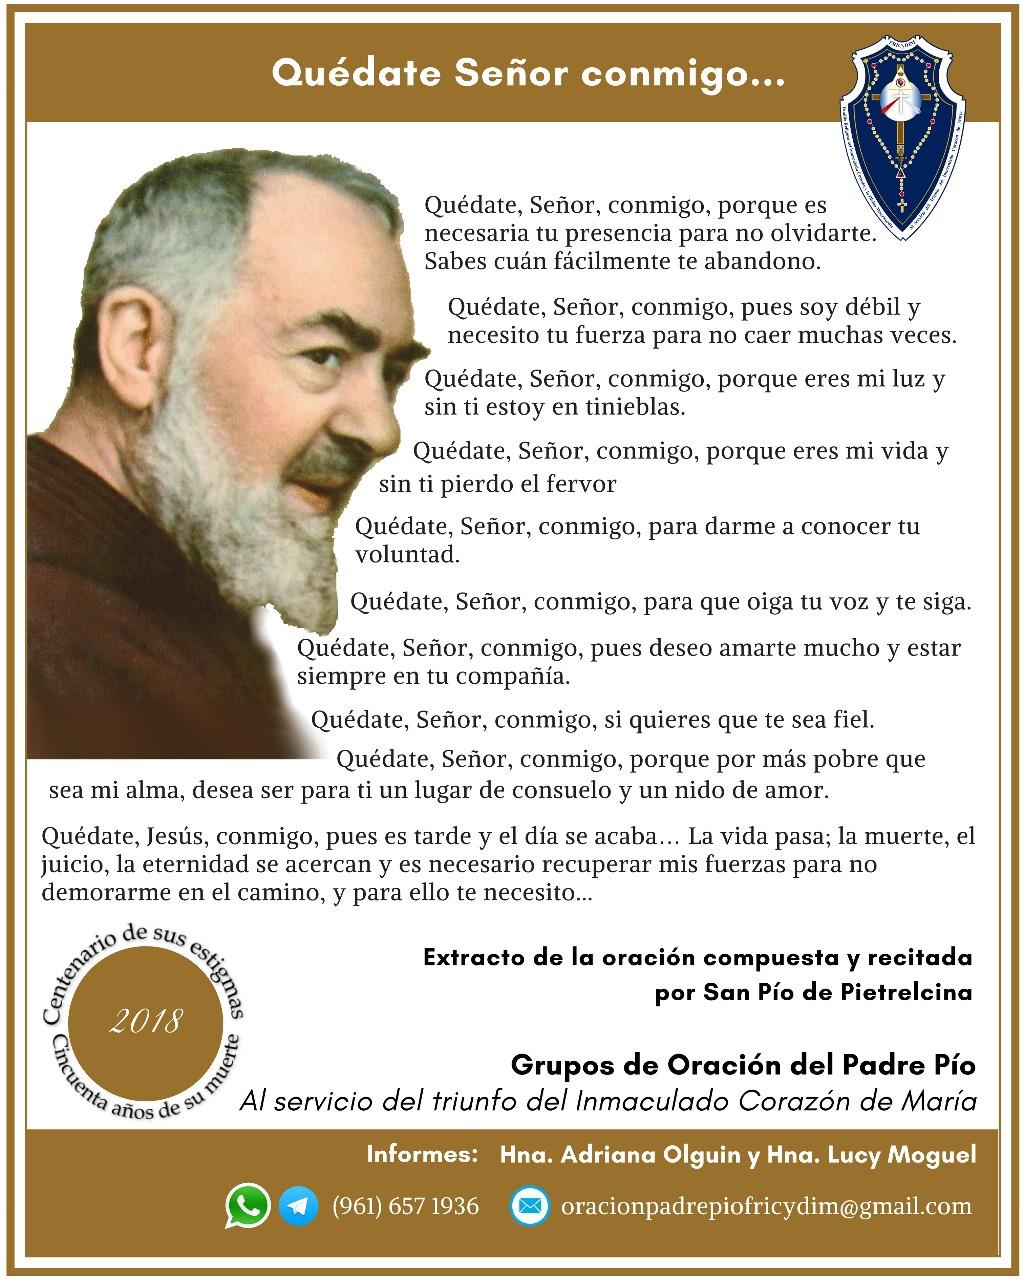 Grupos de oración Padre Pío